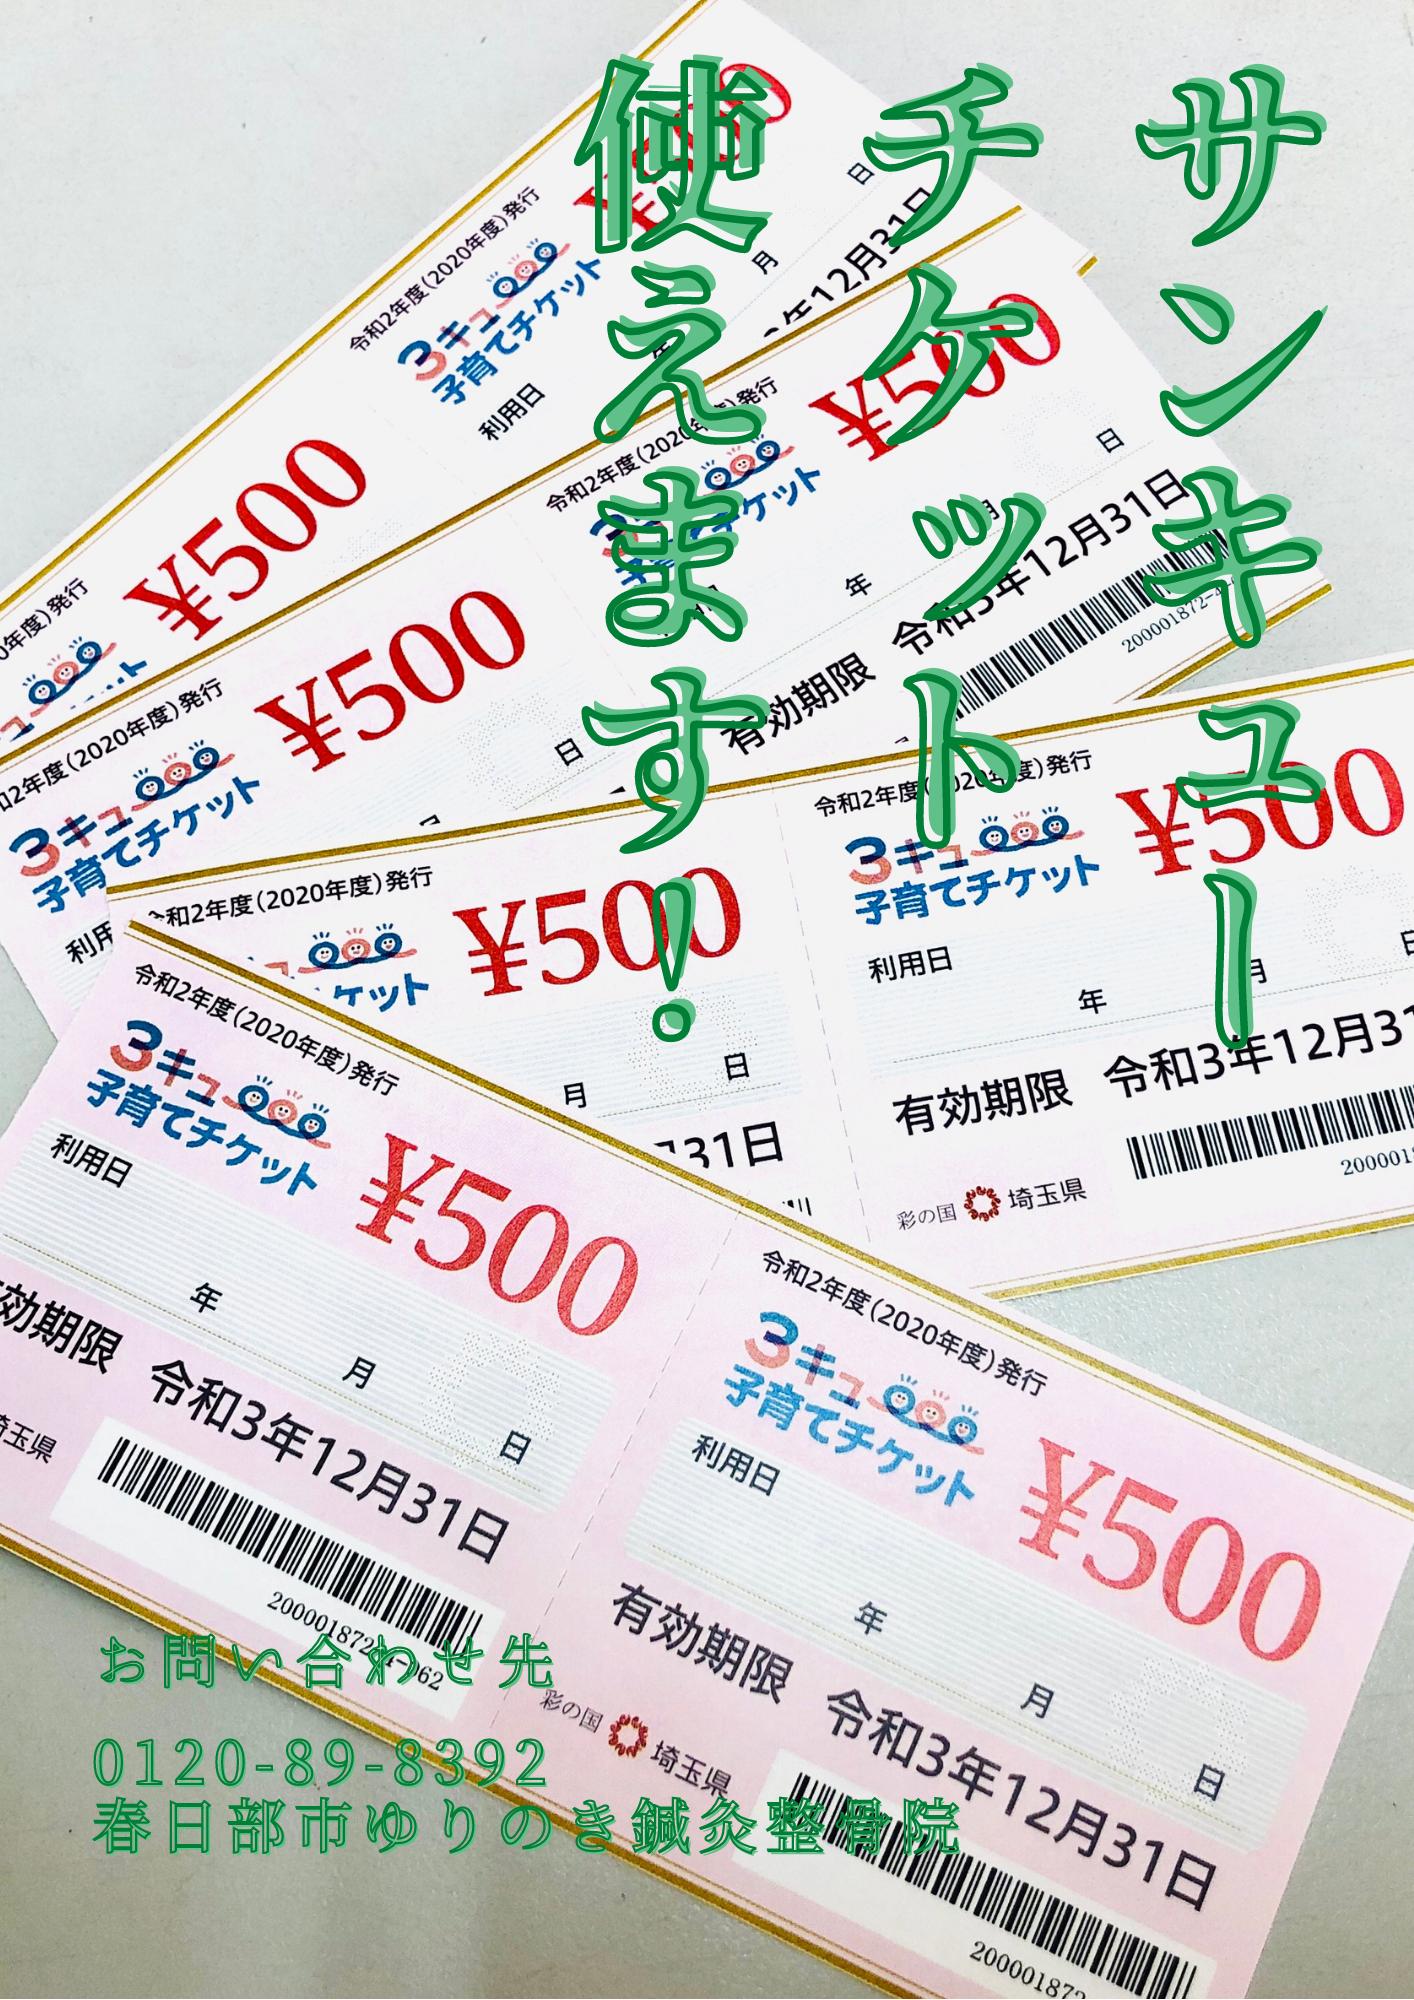 埼玉県サンキュー子育てチケット、女性、助成、補助事業